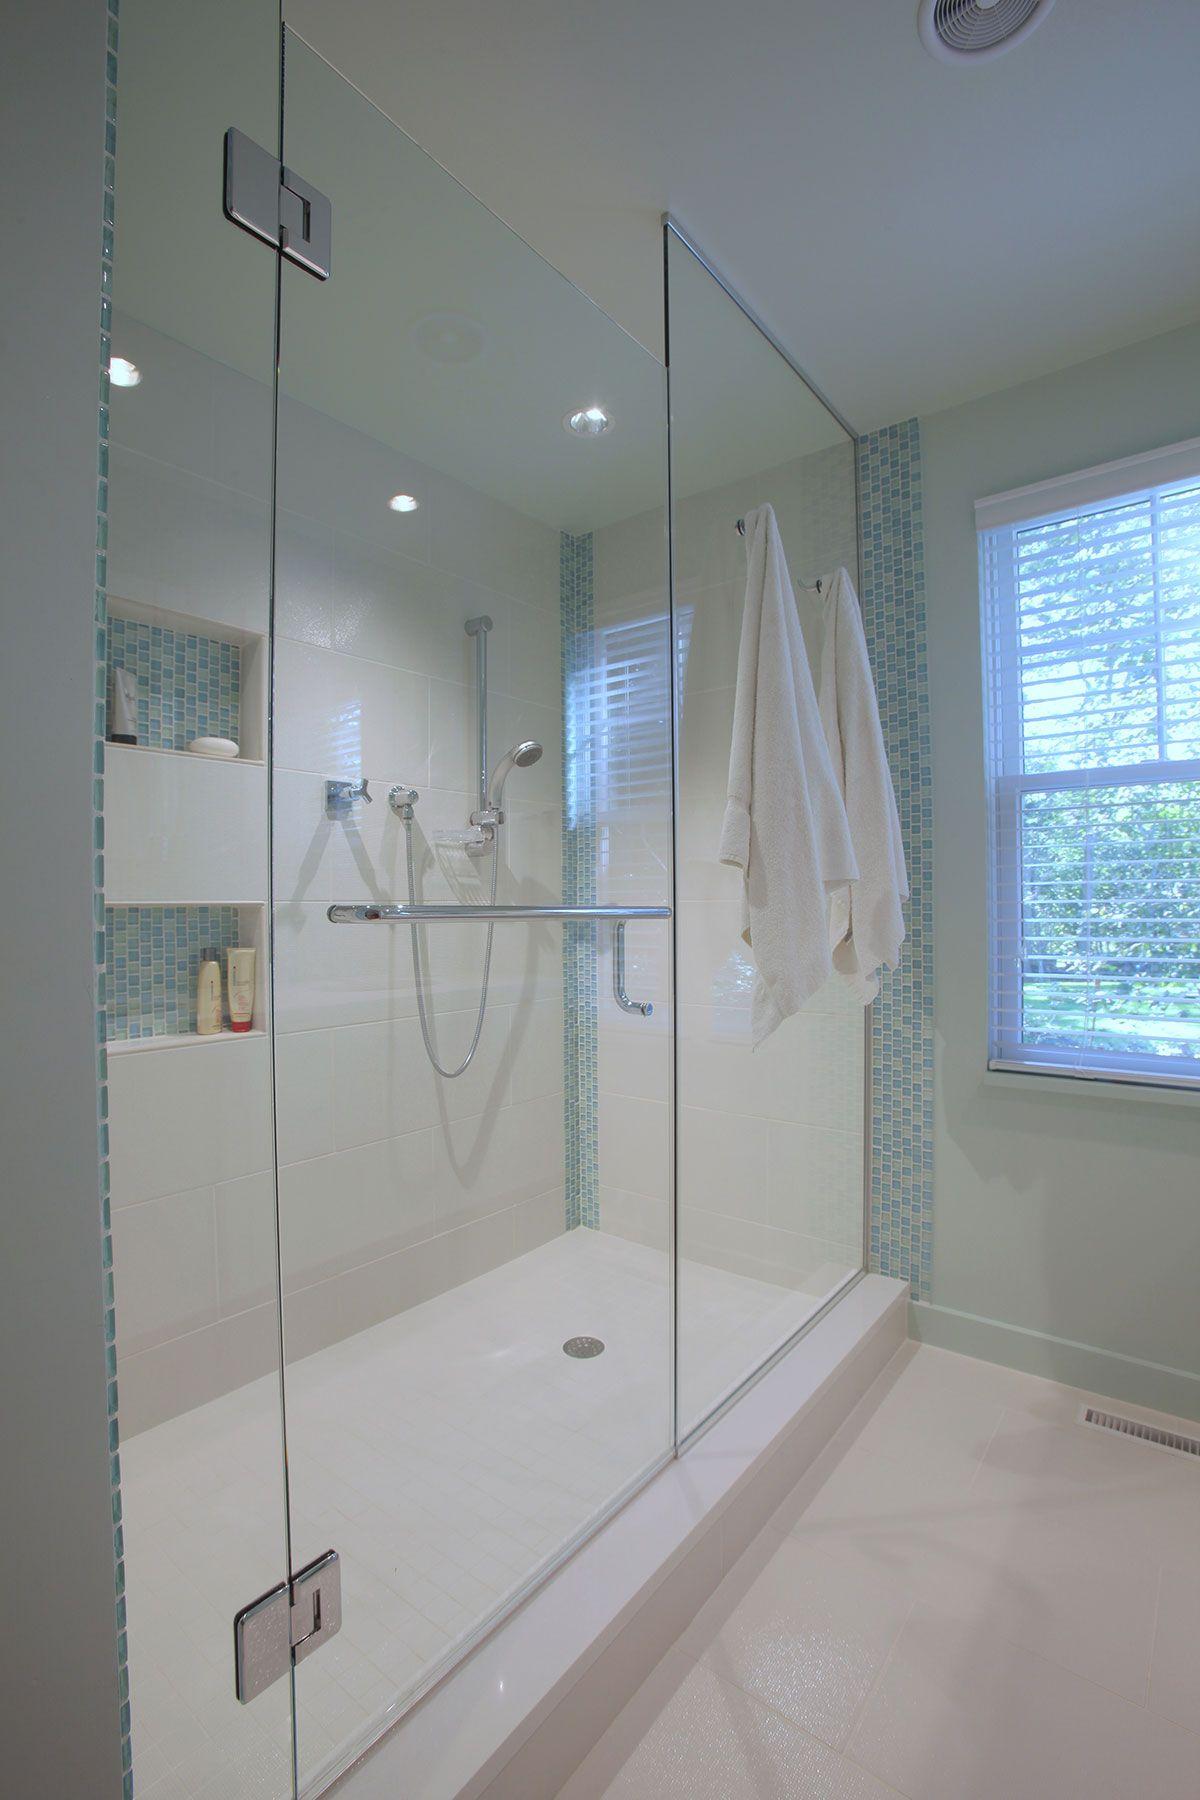 Blue Accent Tile Bathroom: Custom Built Cape Cod Bathroom With Blue Accent Tiles And